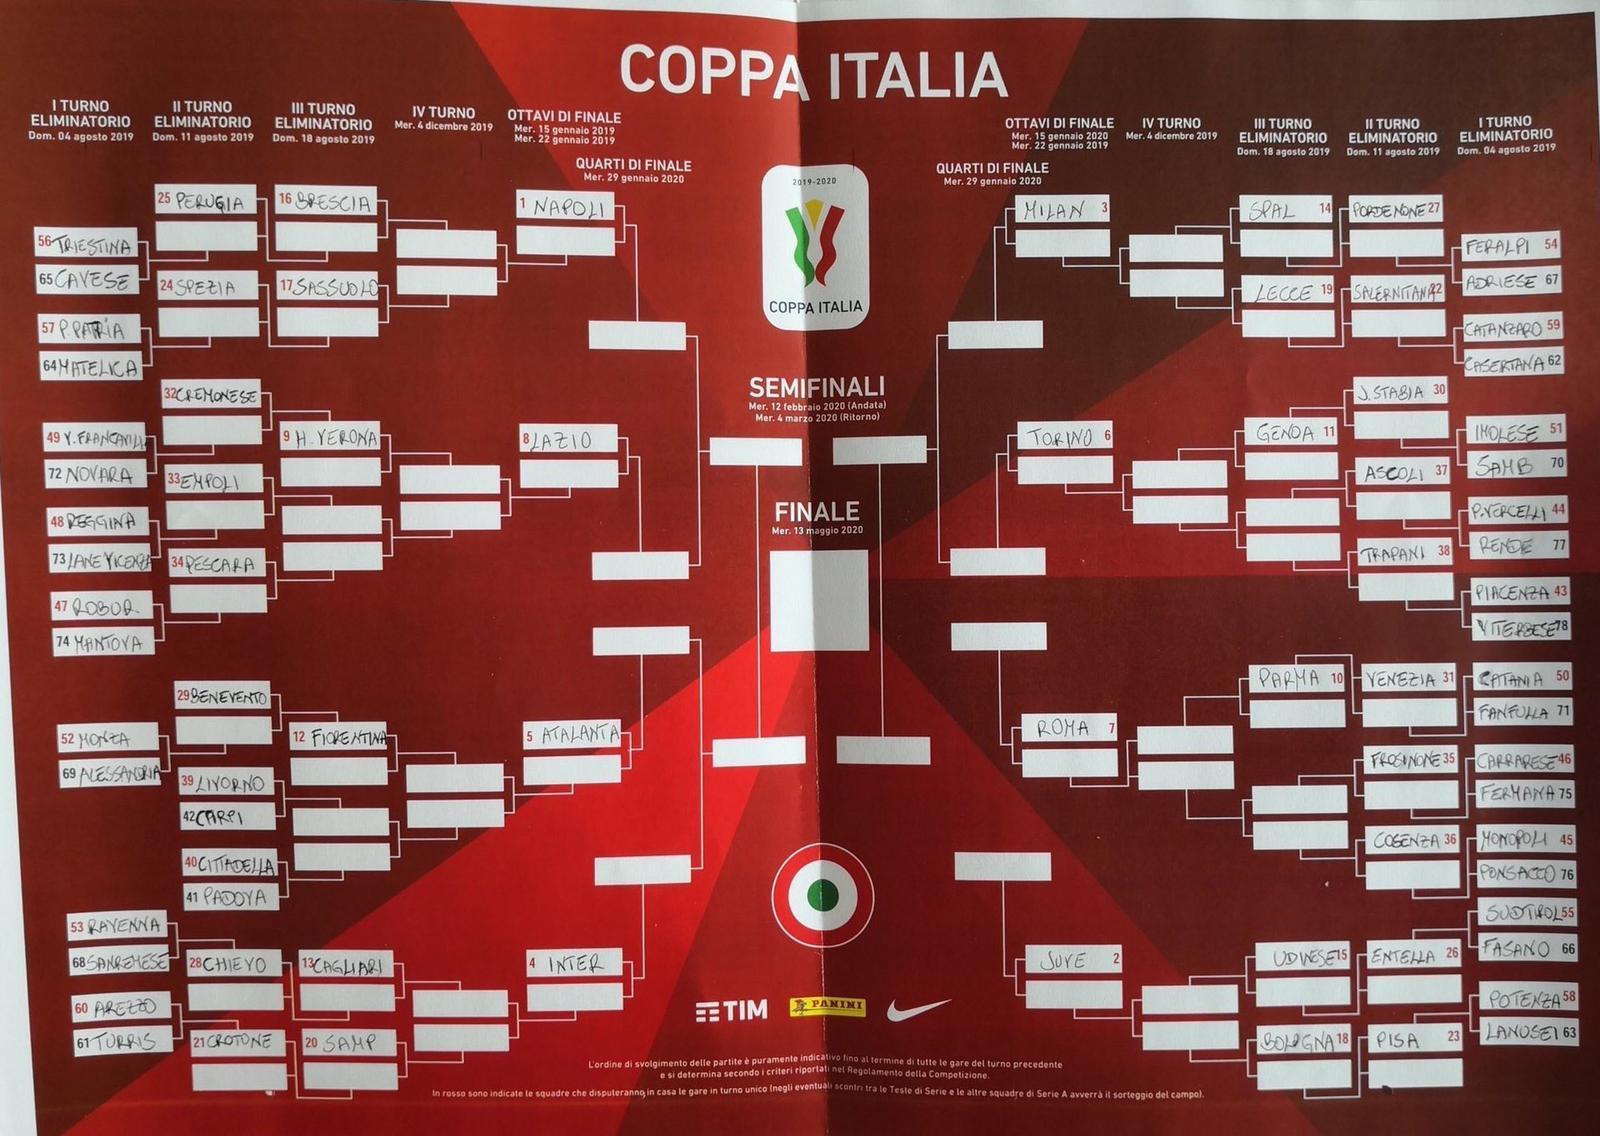 Calendario Perugia Calcio 2020.Coppa Italia 2019 20 Tabellone Completo Calendario E Date